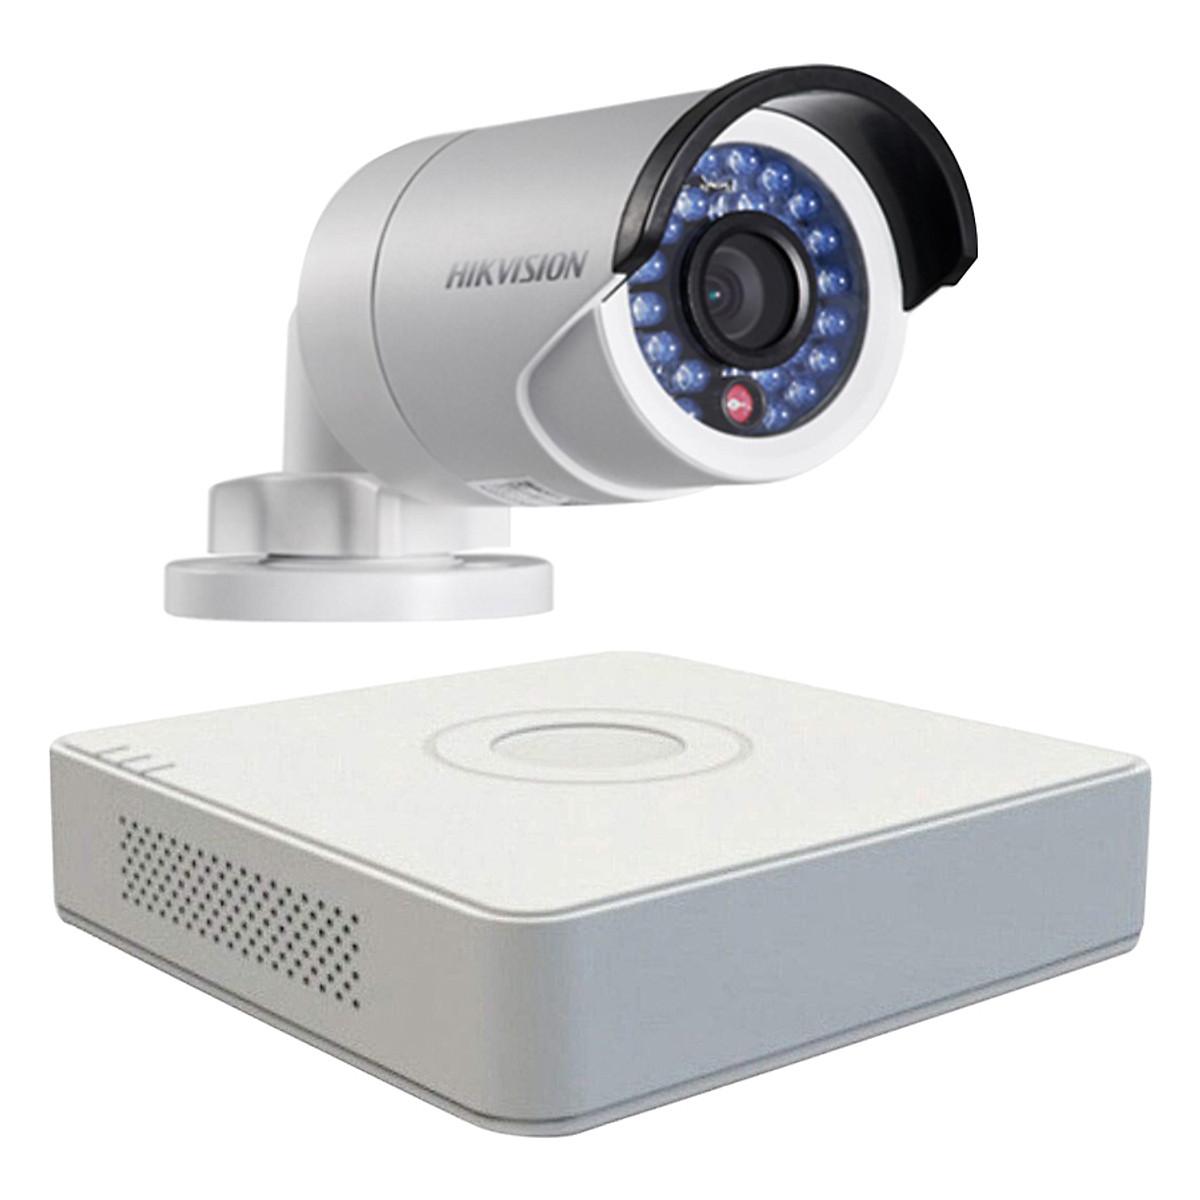 Trọn bộ 1 Camera giám sát HIKVISION TVI 2 Megapixel DS-2CE56D0T-IR chuẩn Full HD – Hàng chính hãng